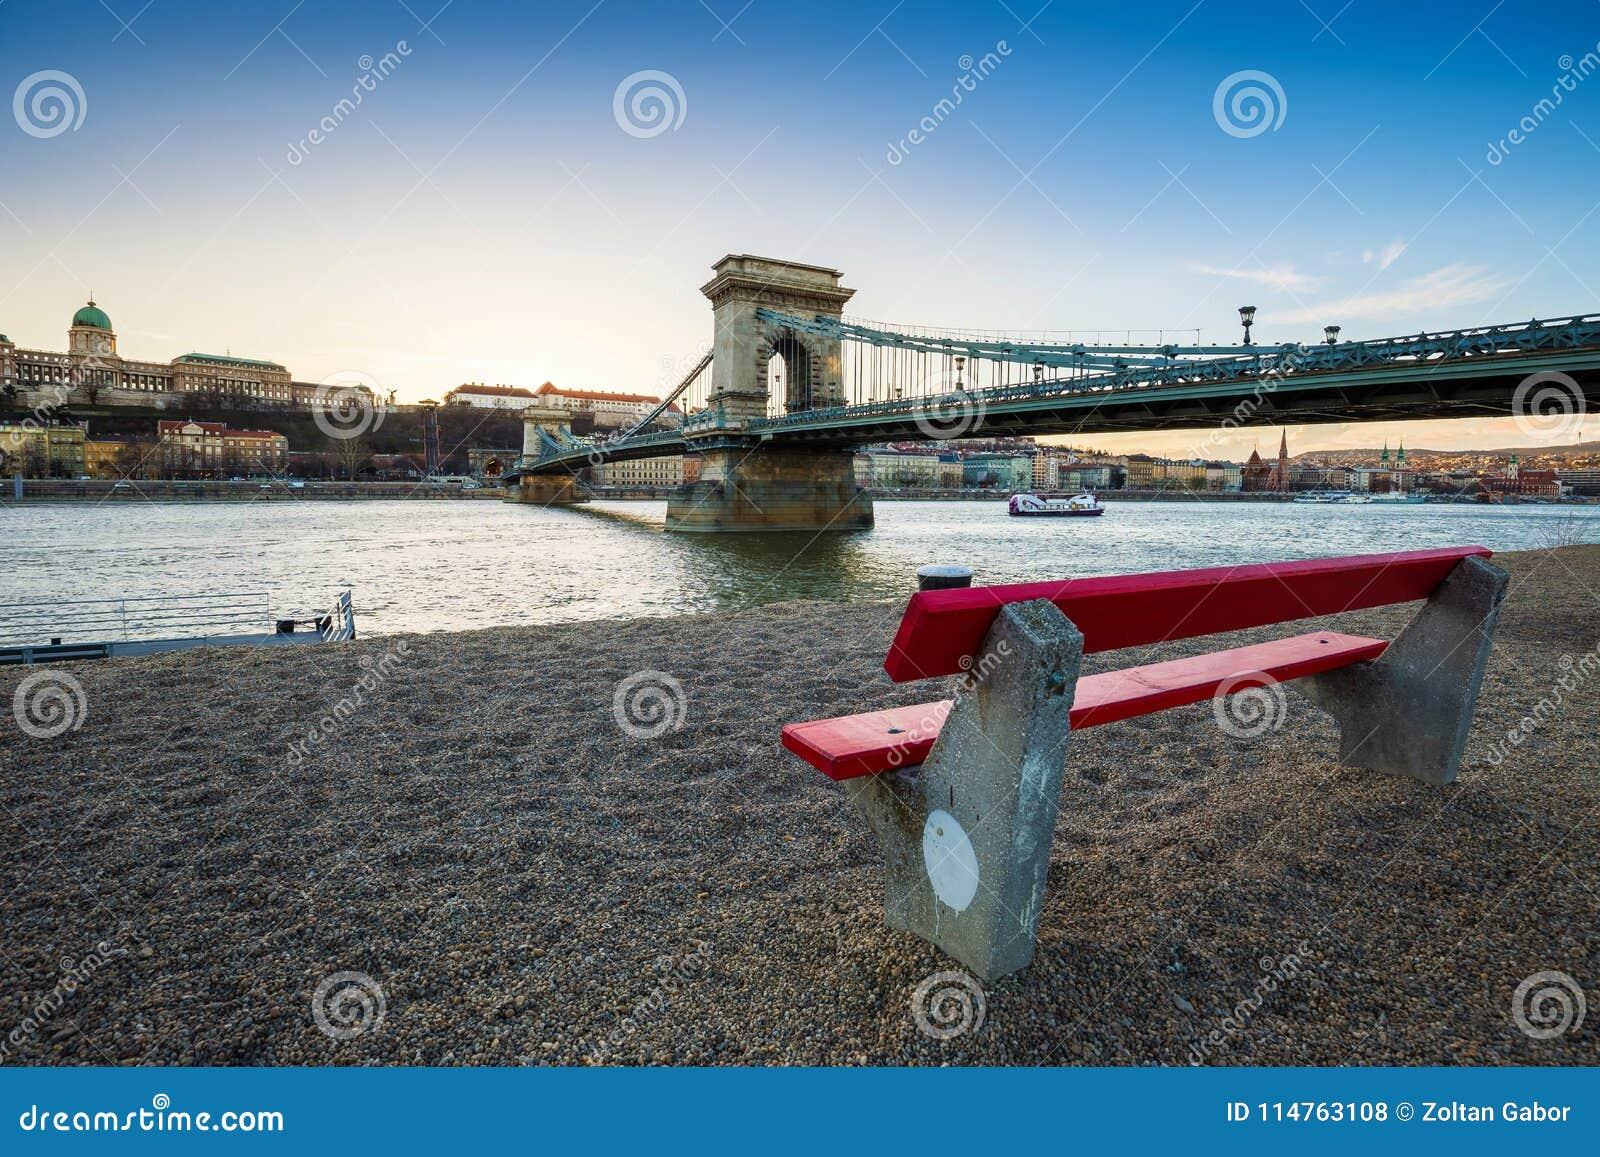 Budapest, Hongrie - banc rouge traditionnel à la rive avec le pont à chaînes de Szechenyi, Buda Castle Royal Palace